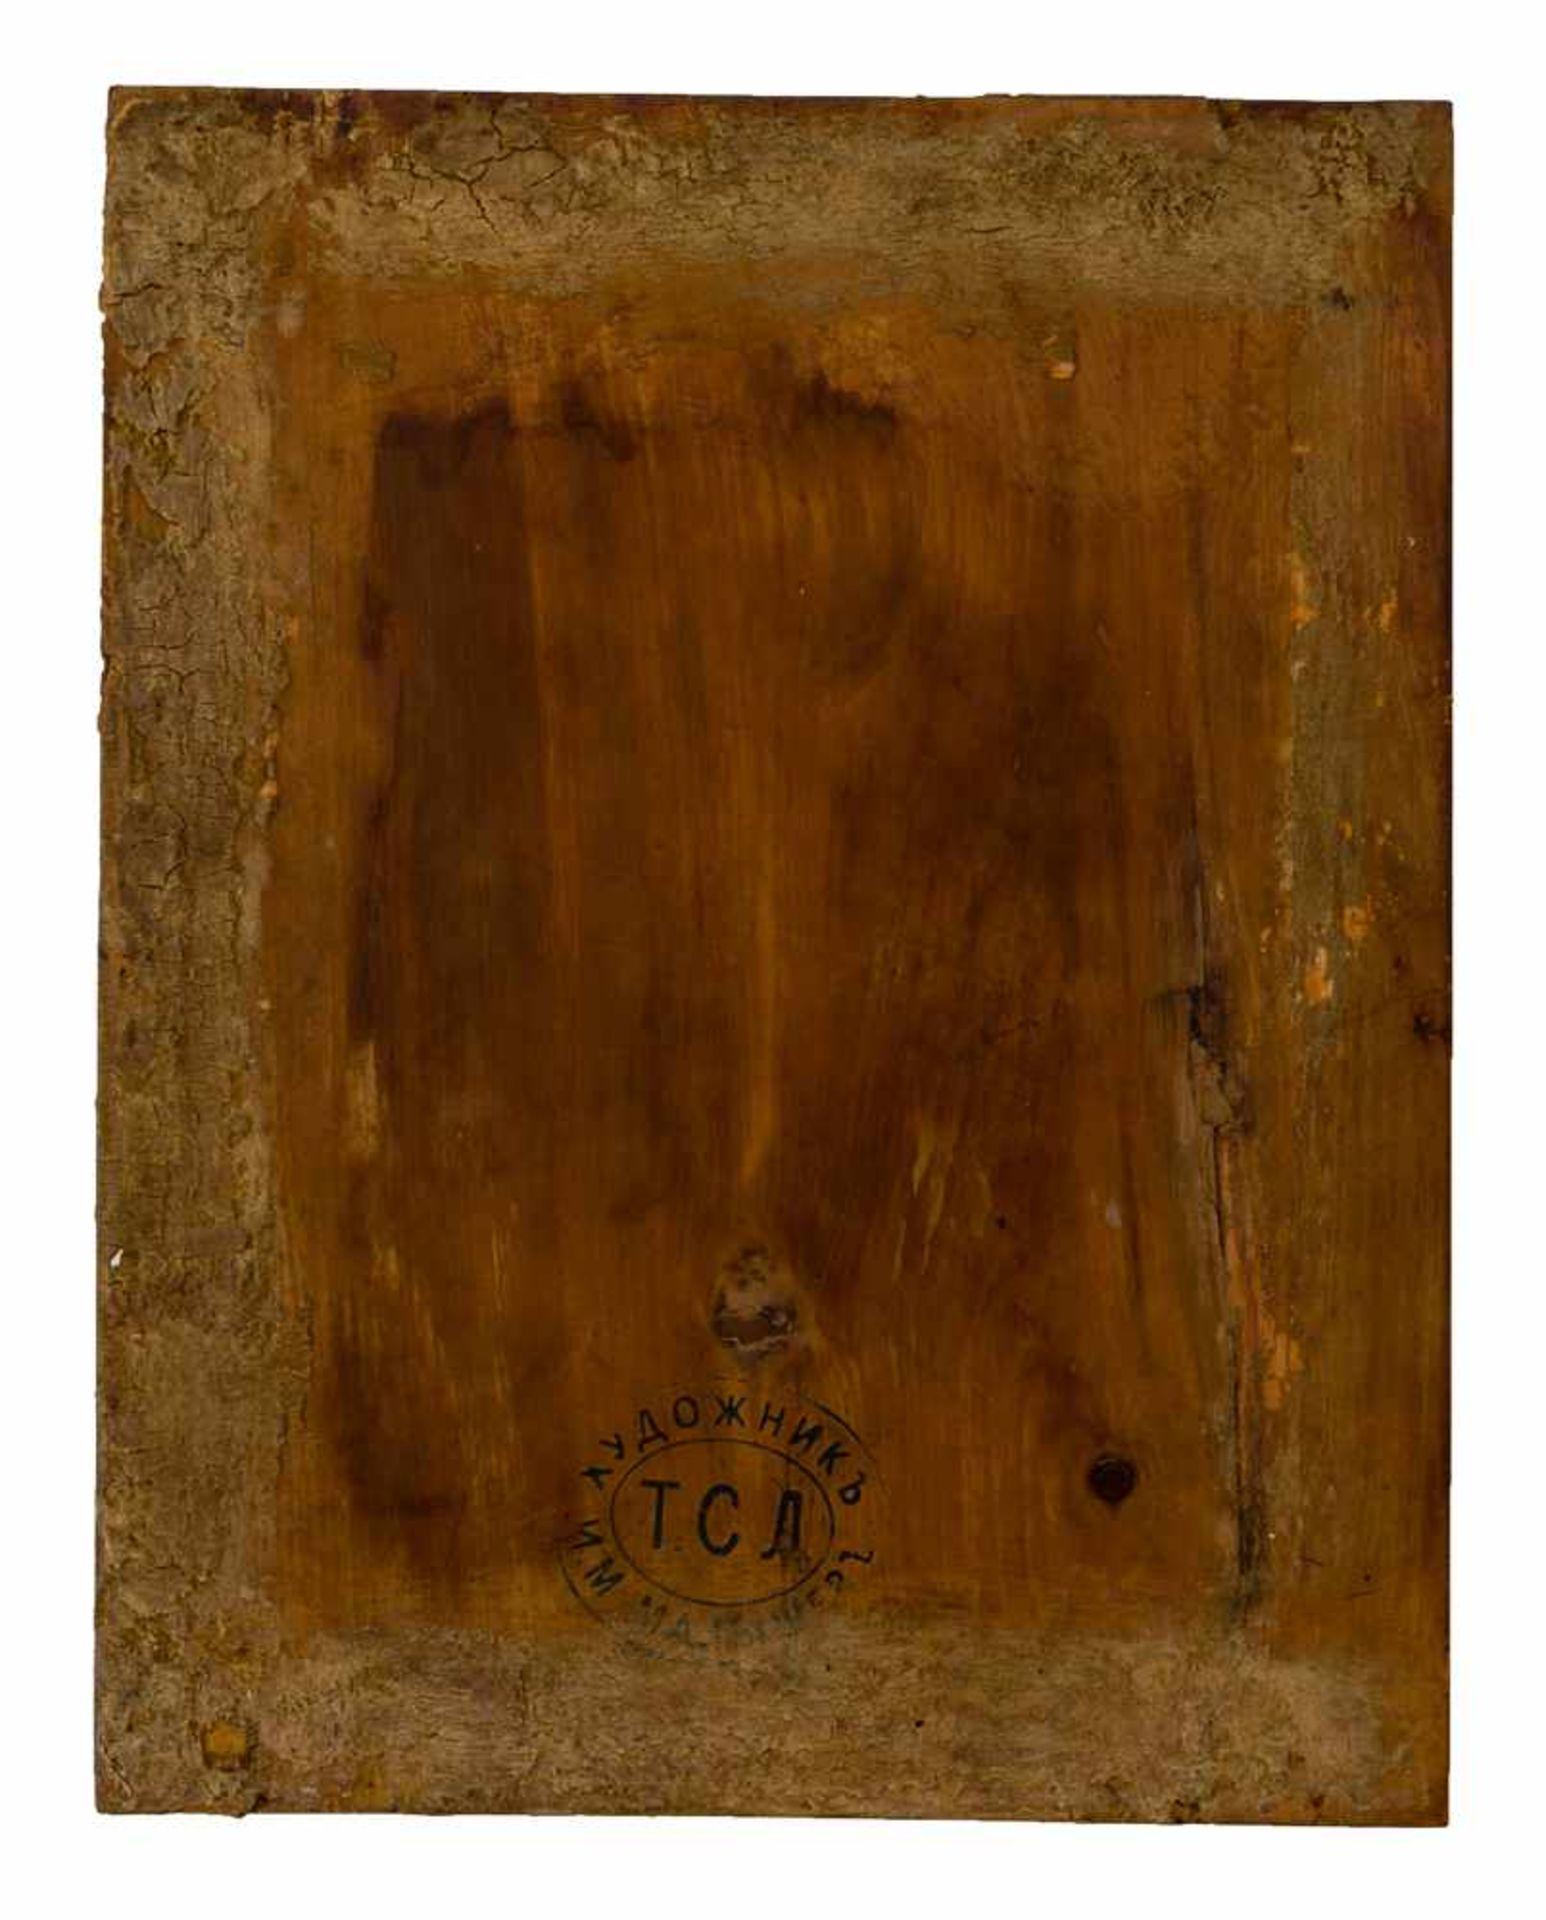 *Mandylion Jesu Russische Ikone aus der Werkstatt Malyshev des Dreifaltigkeitsklosters in Sergiev - Bild 5 aus 5